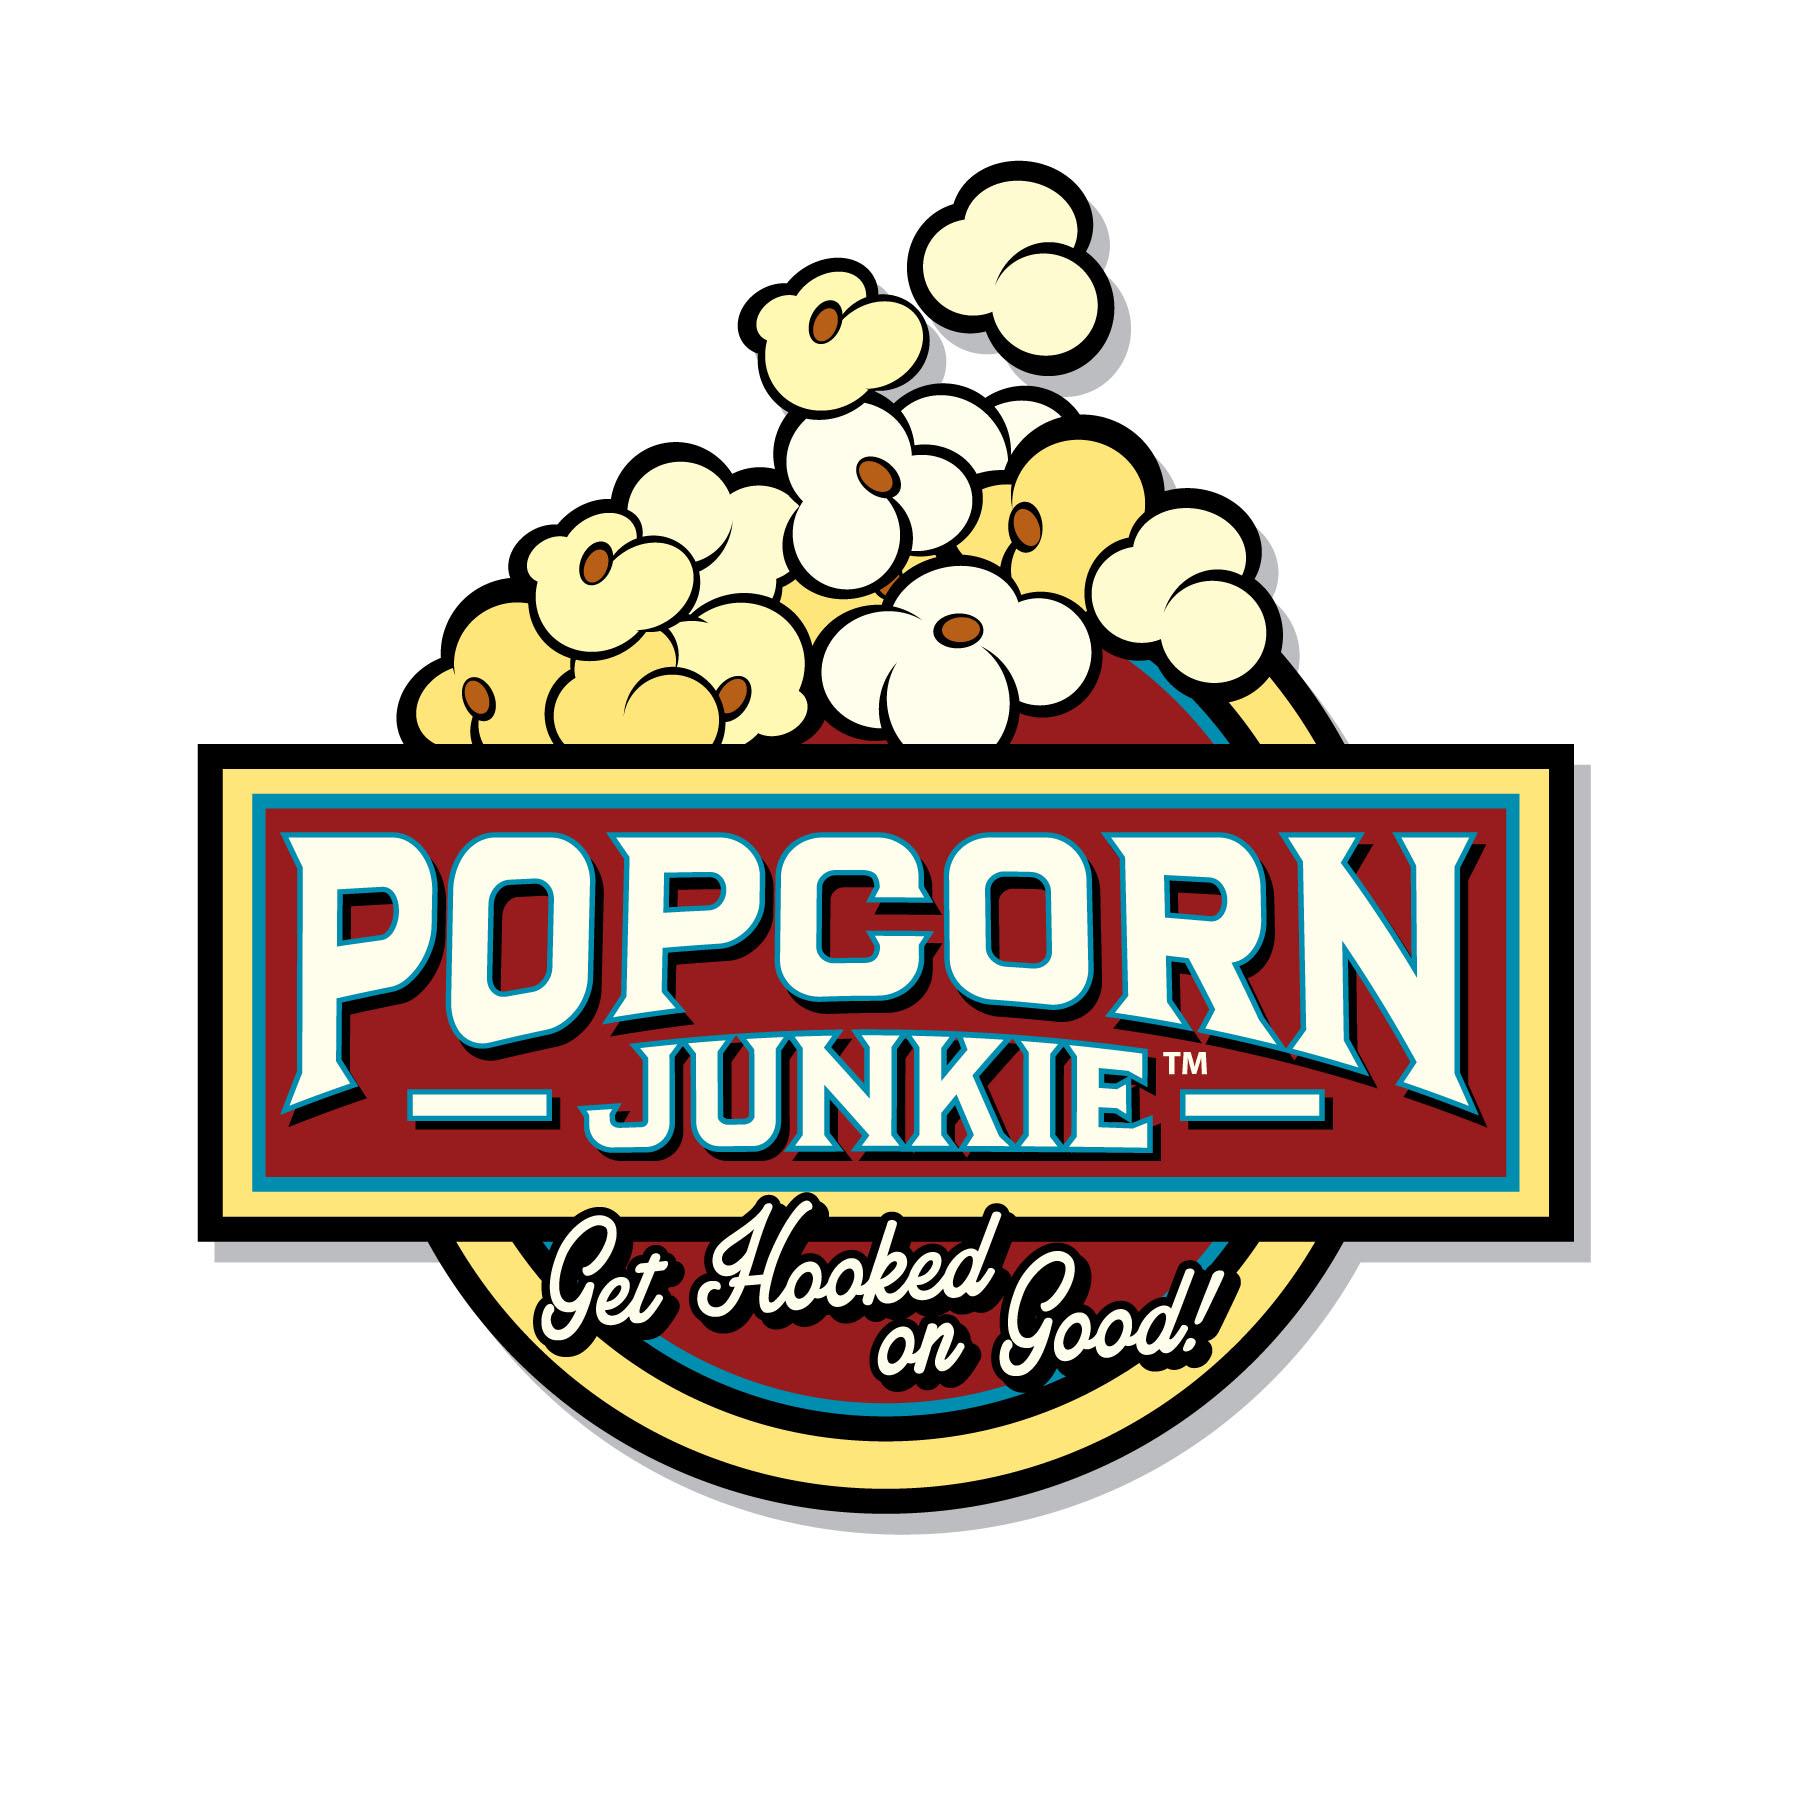 popcorn-junkie-final.jpg